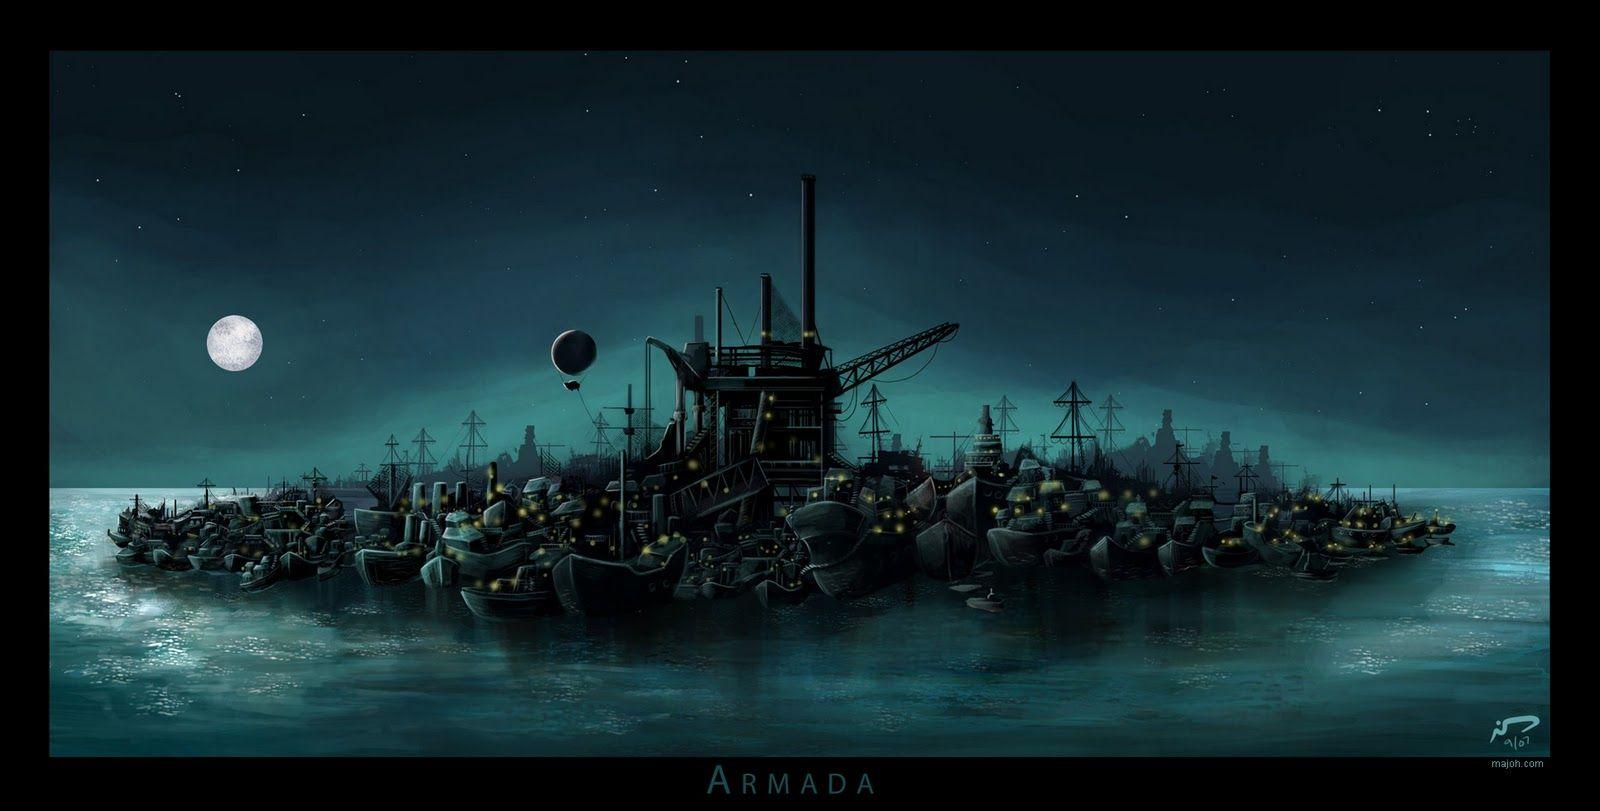 Armada -- The Scar, Mieville